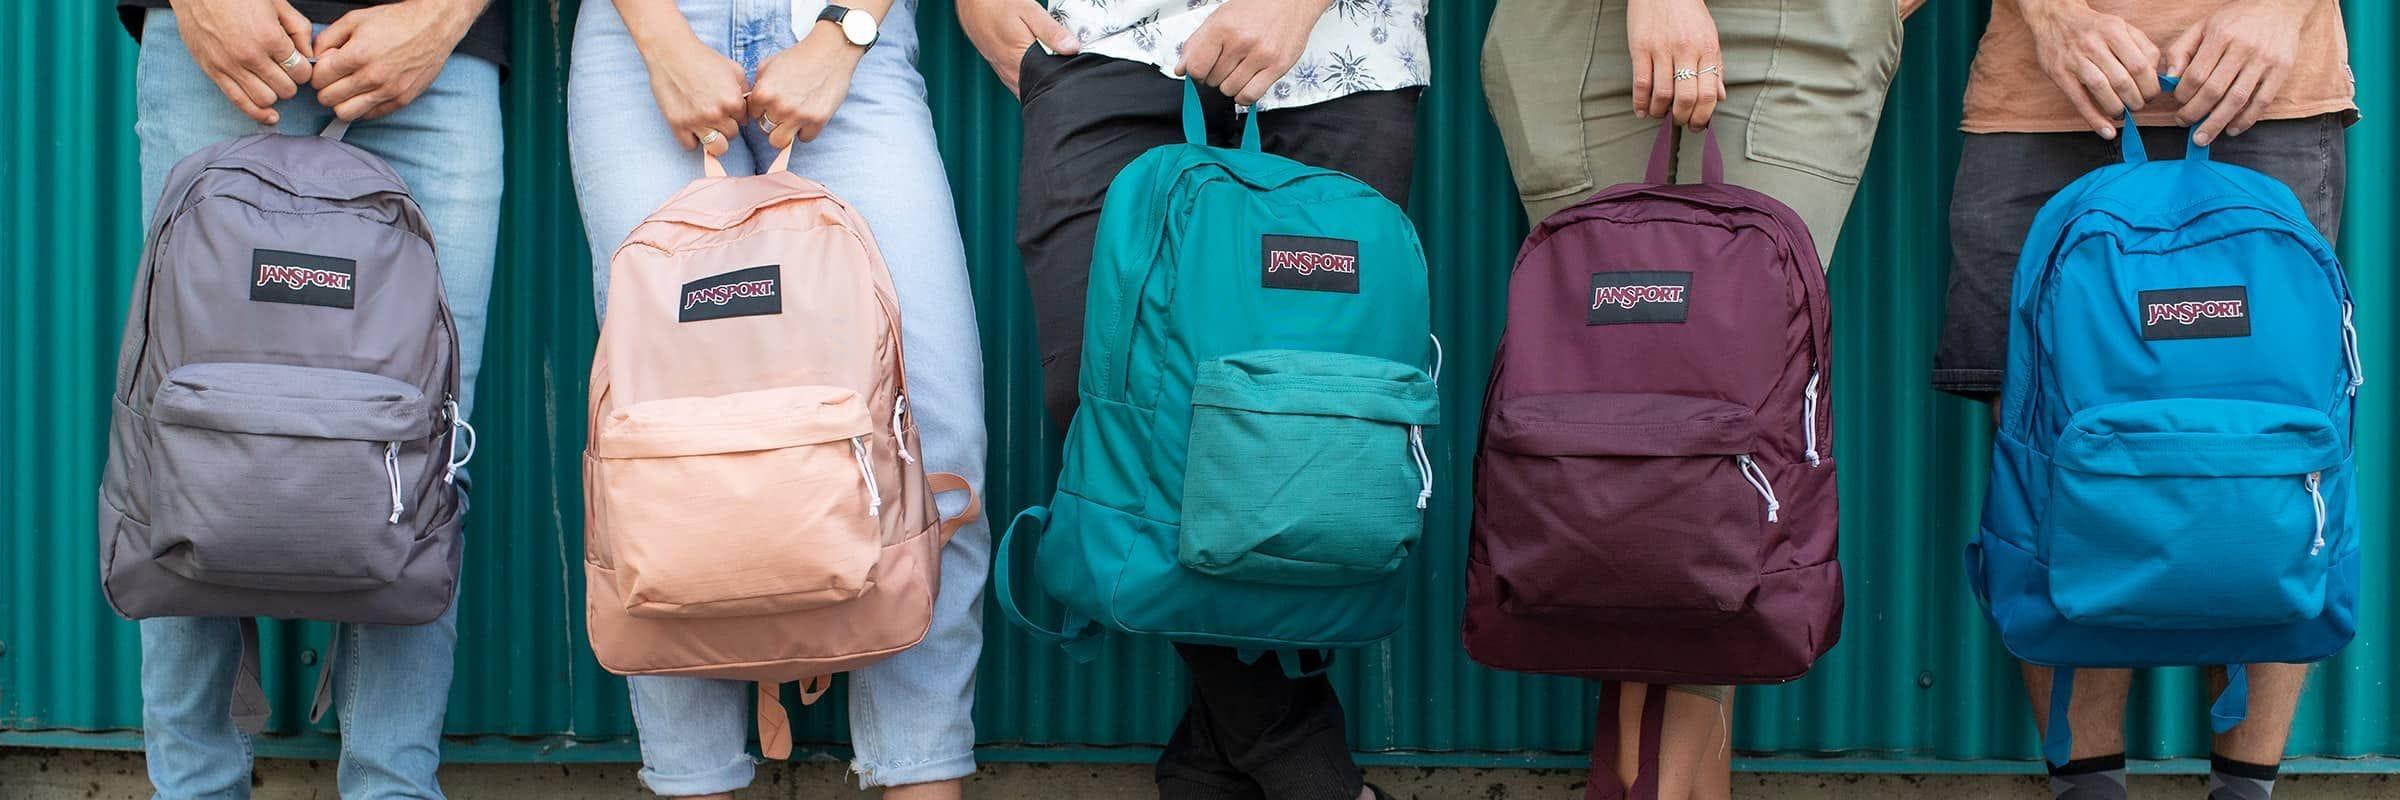 Comment choisir le bon sac d'école